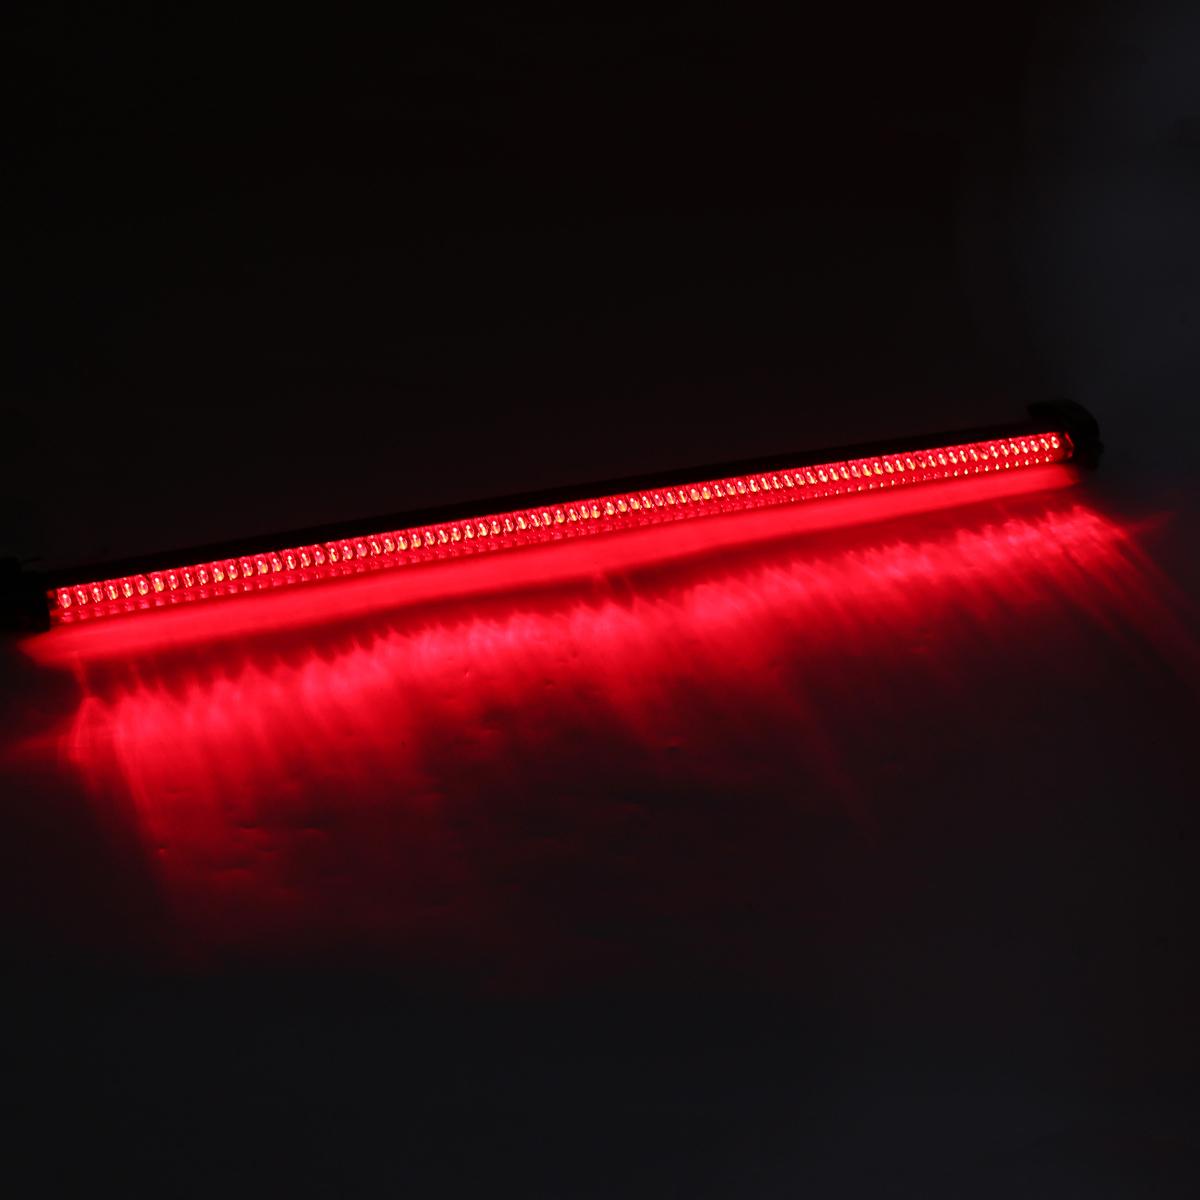 New Arrical 1pc 12V Red 80LED Car Third Brake Light Rear Tail Light High Mount Stop Lamp for Cars SUVs Trucks